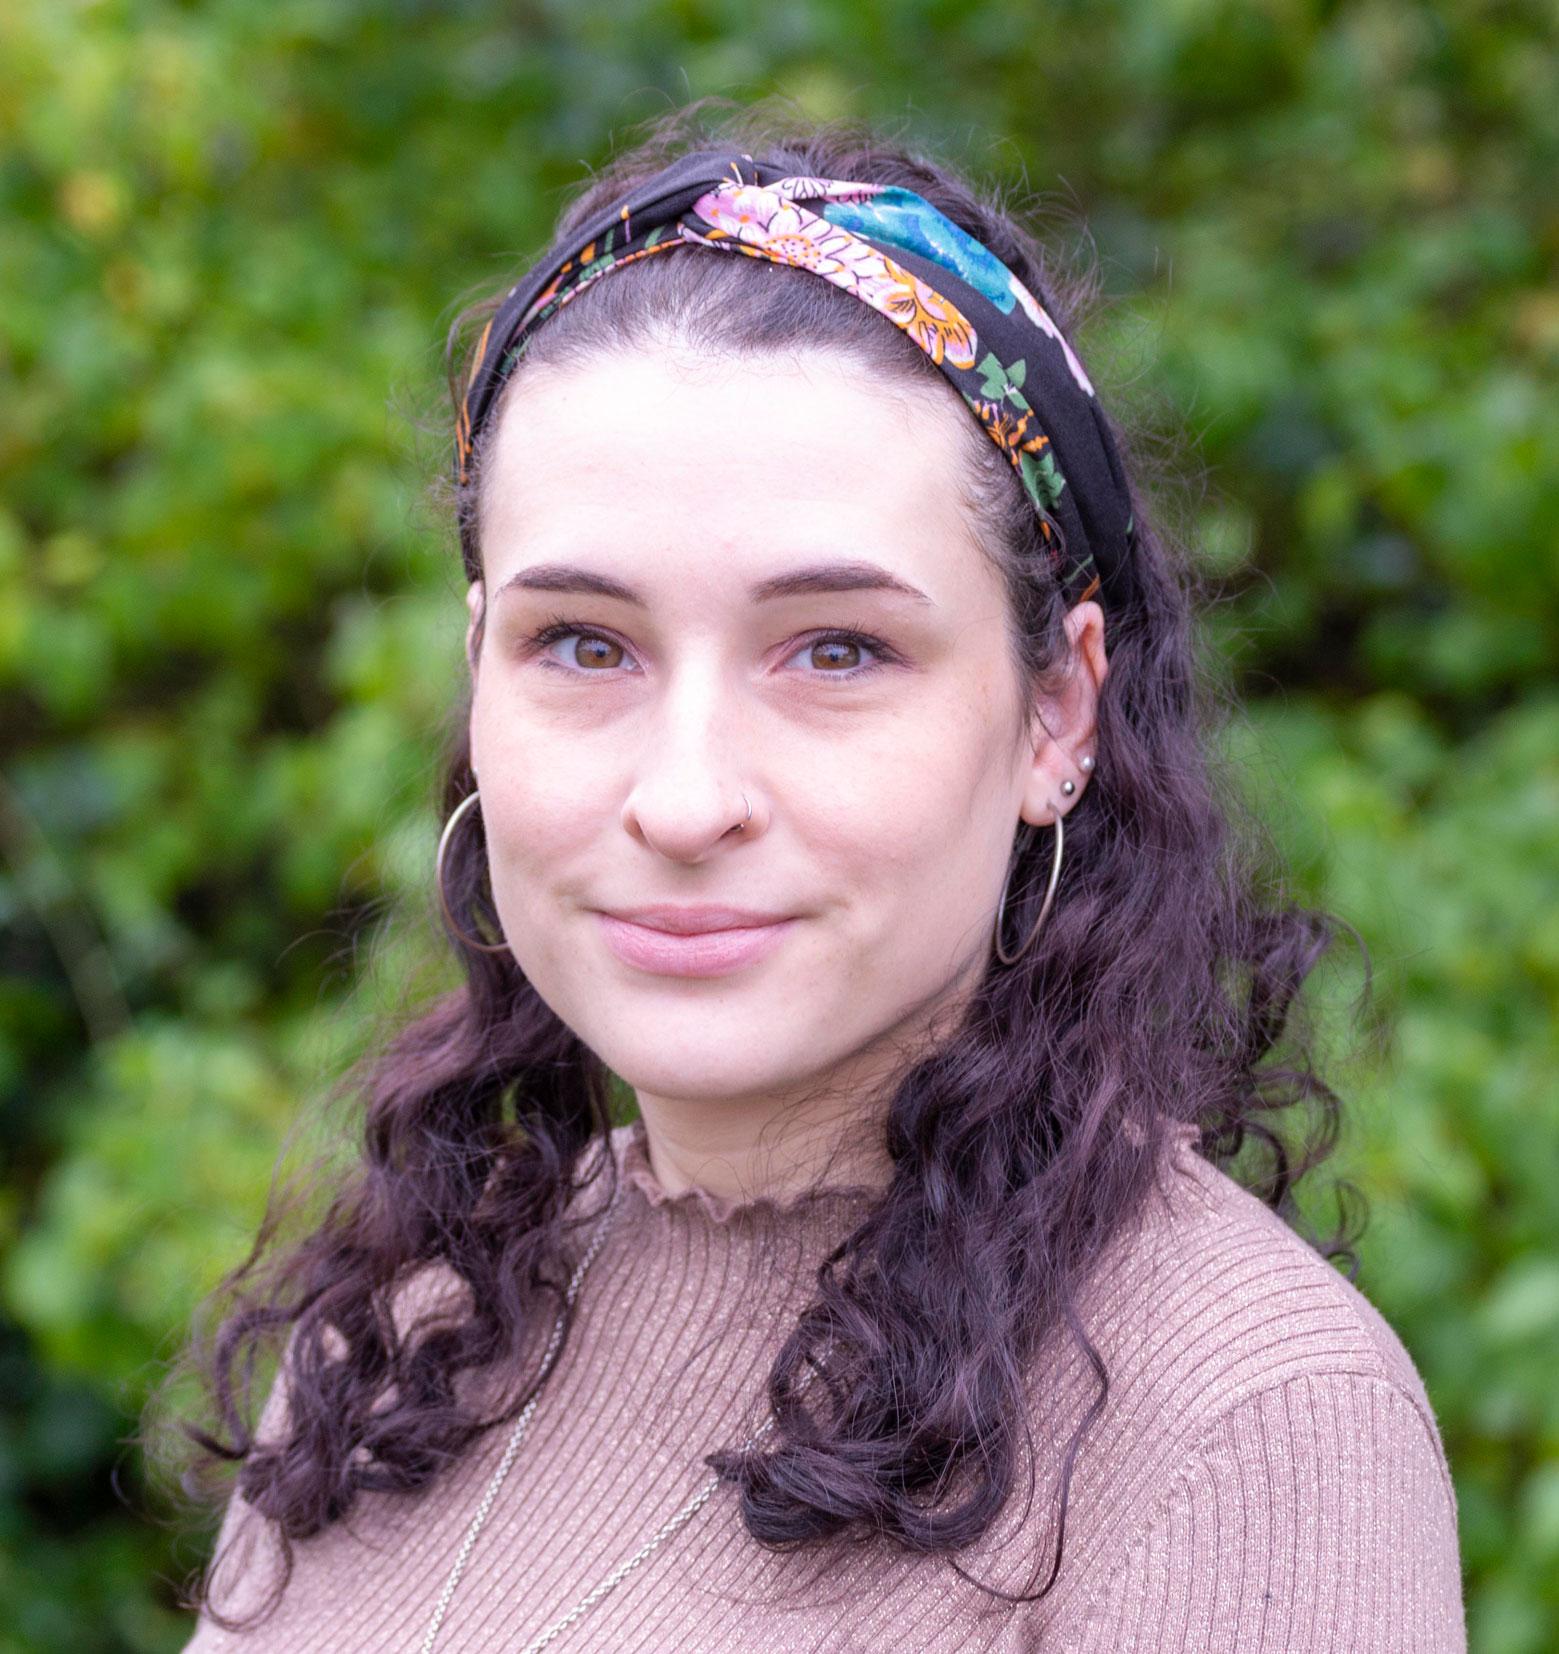 Adeline Rosenberg